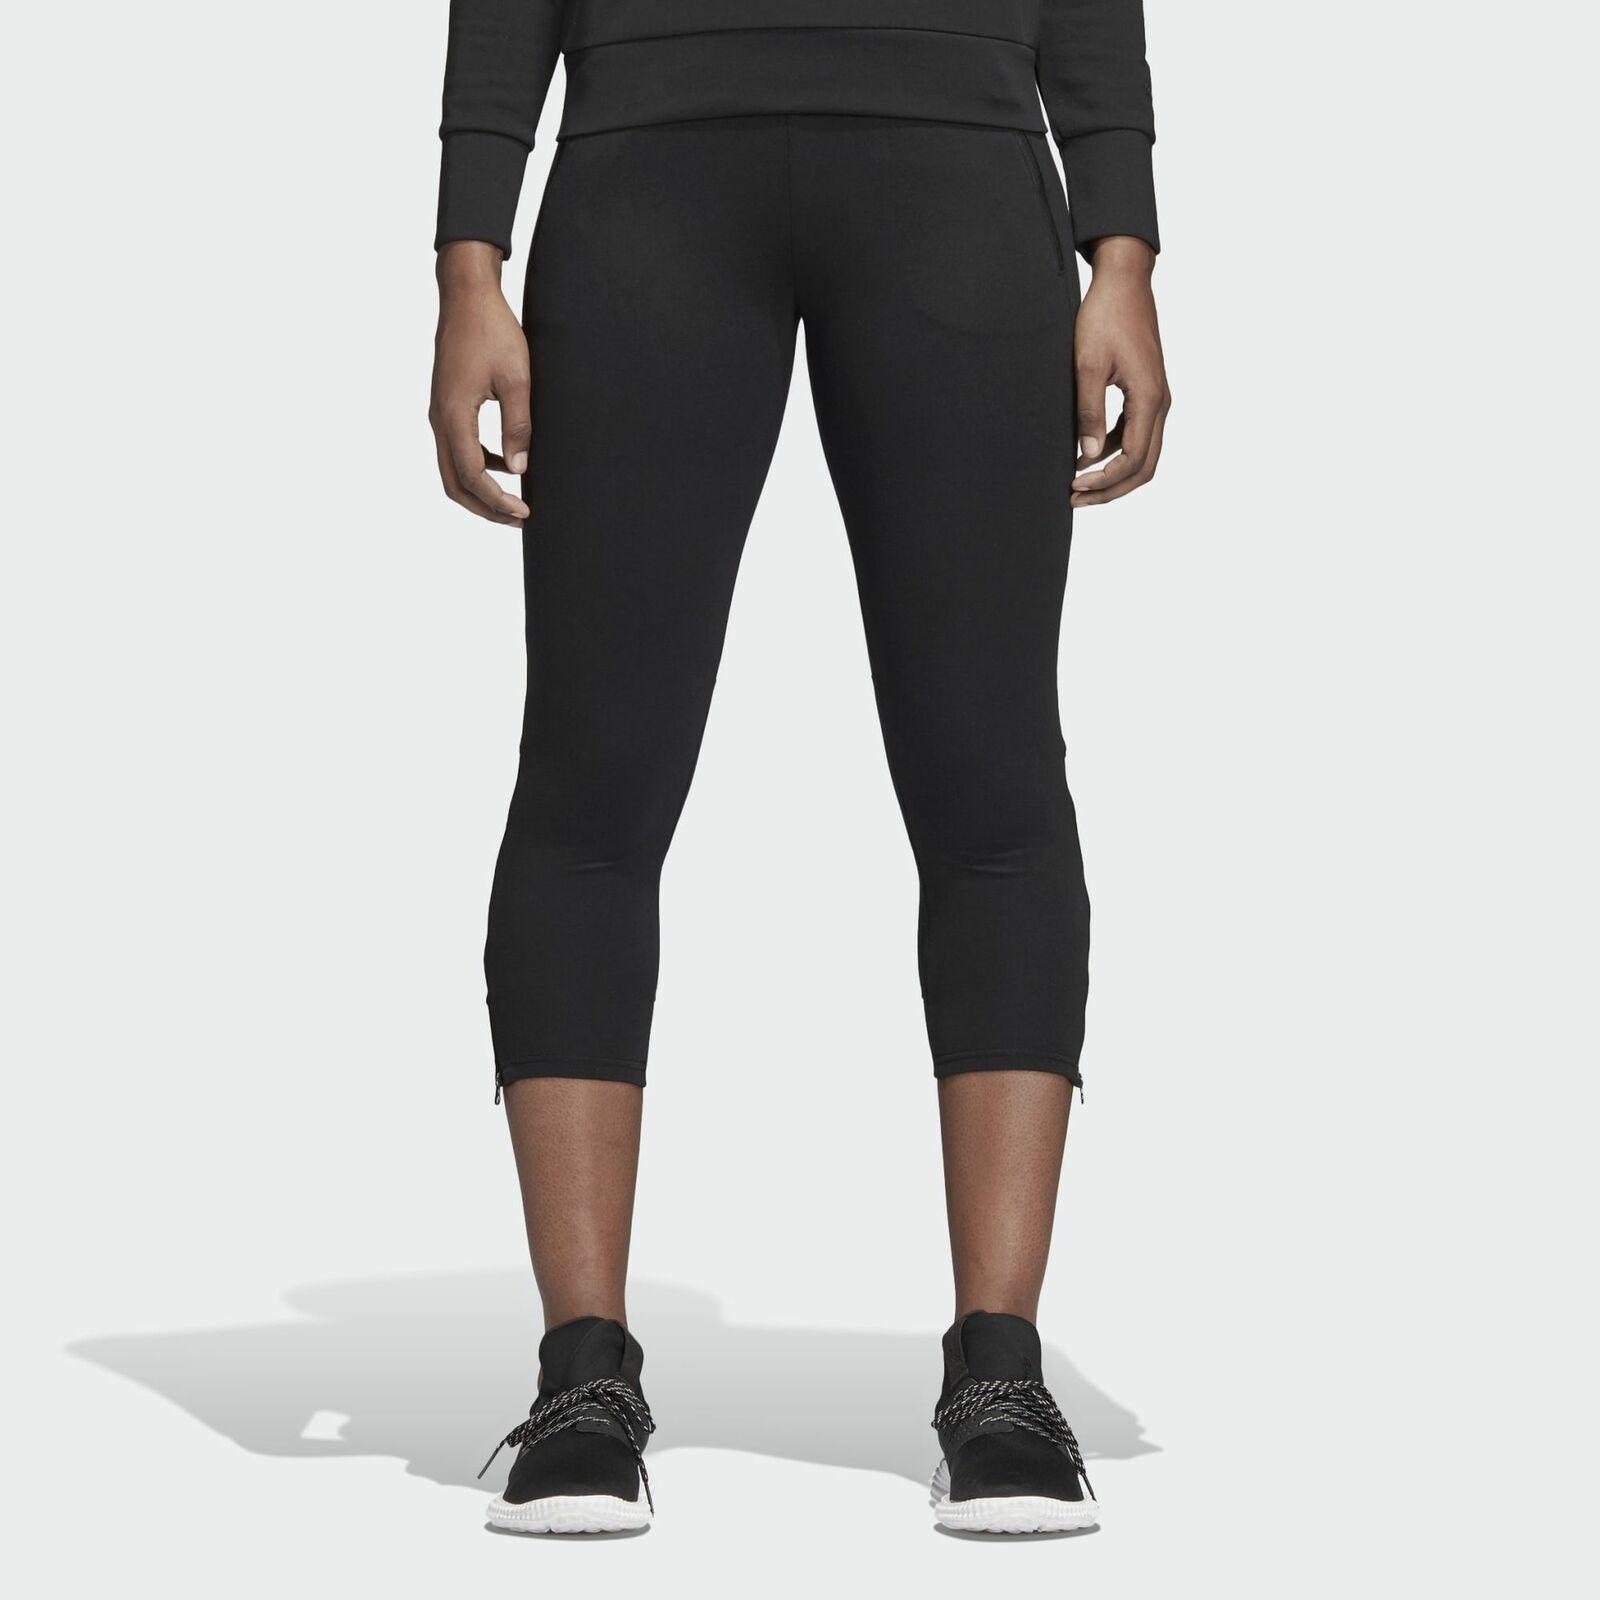 Adidas Id Glory Skinny 7 8-hose Ladies